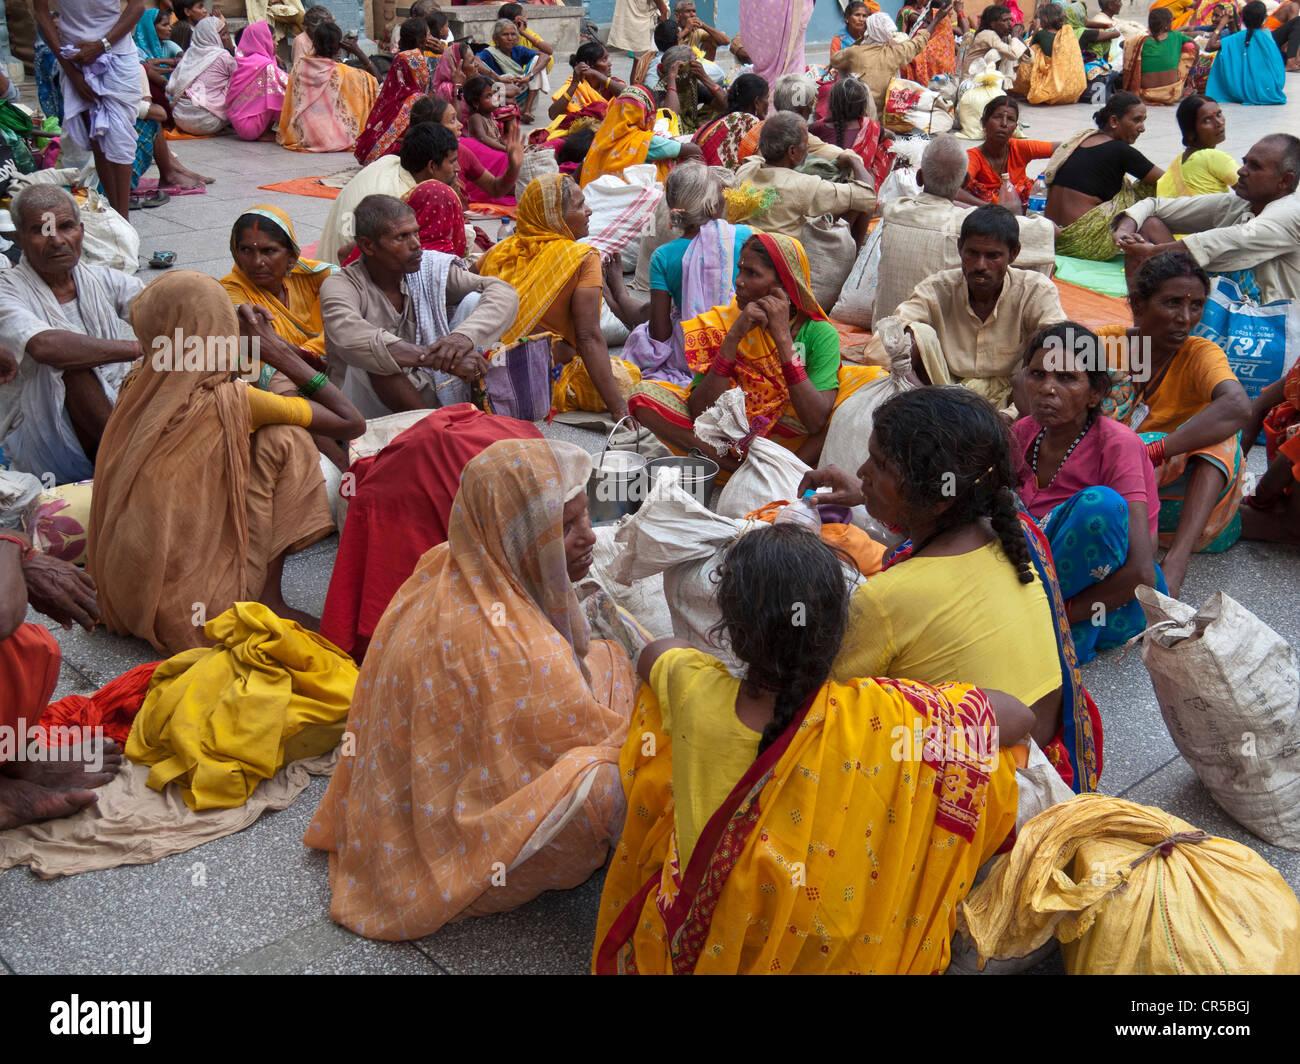 Pilger aus allen verschiedenen Religionen sind willkommen bei den goldenen Tempel, Amritsar, Punjab, Indien, Asien Stockbild